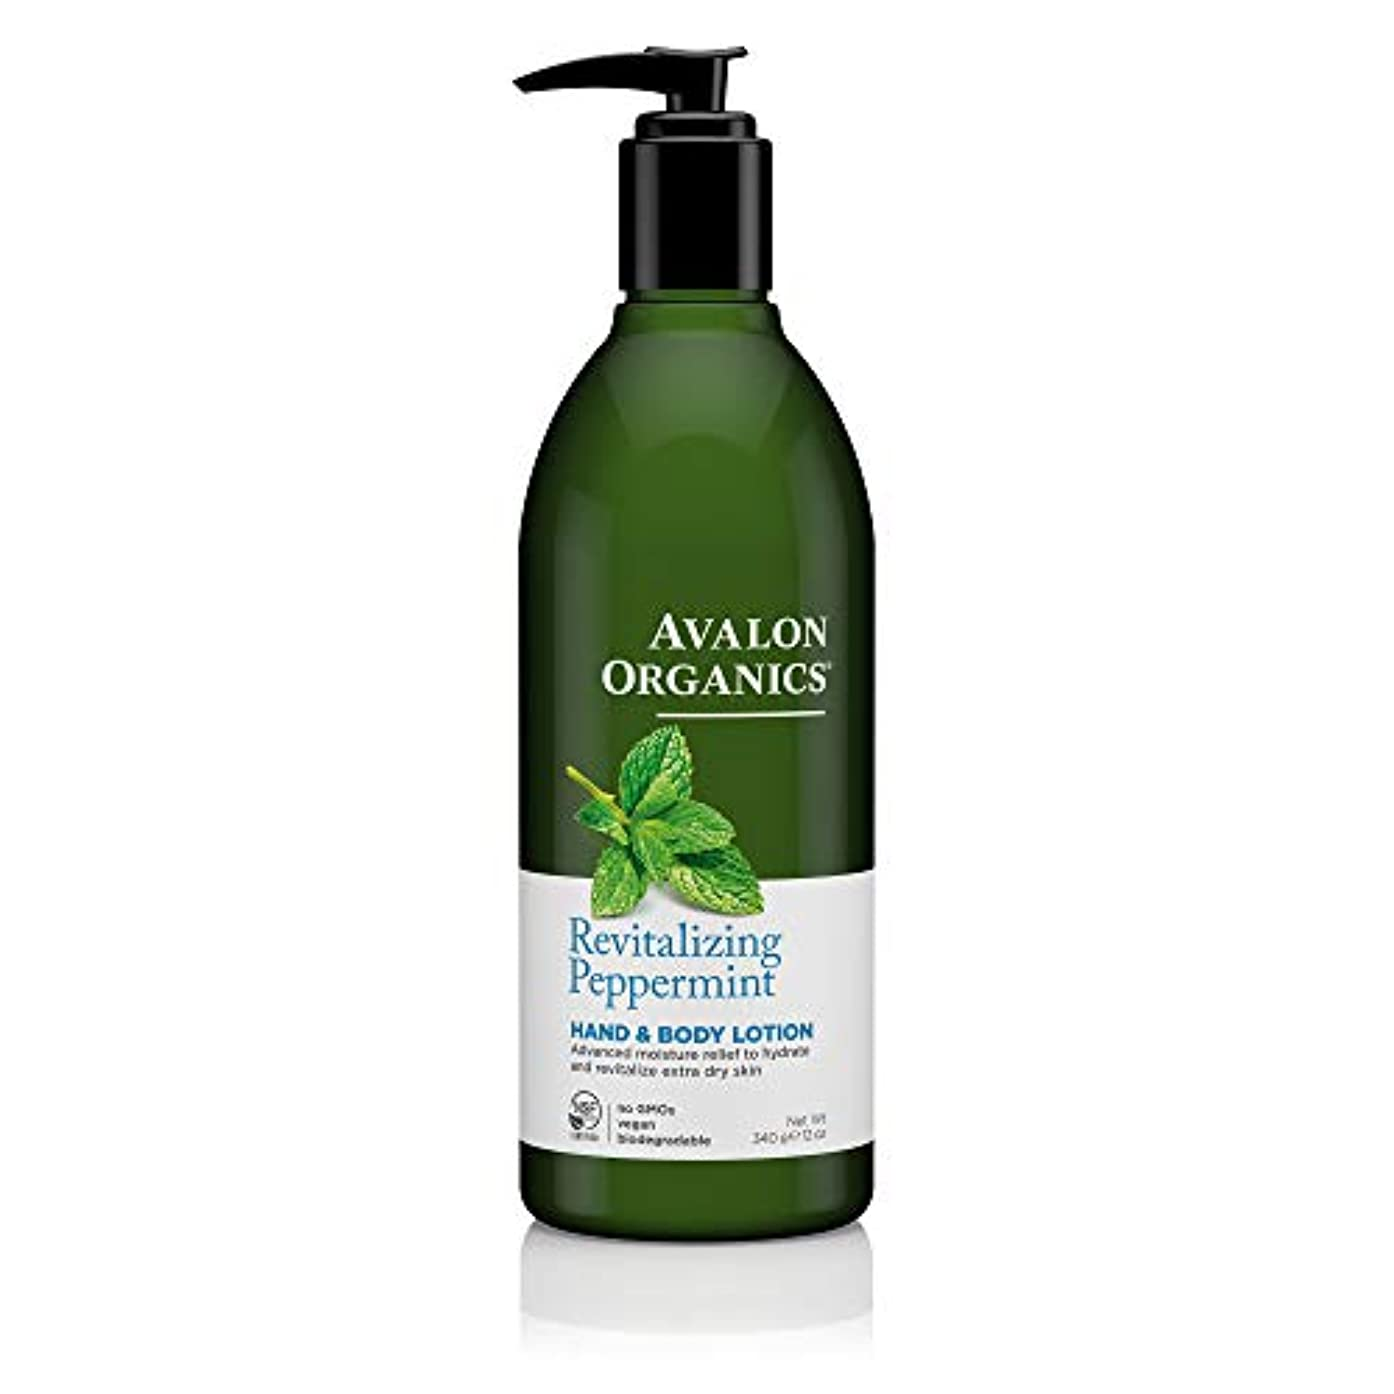 マットレスアコード酔っ払いAvalon Organics Peppermint Hand And Body Lotion, 12-Ounce Bottle (Pack of 2) by Avalon [並行輸入品]